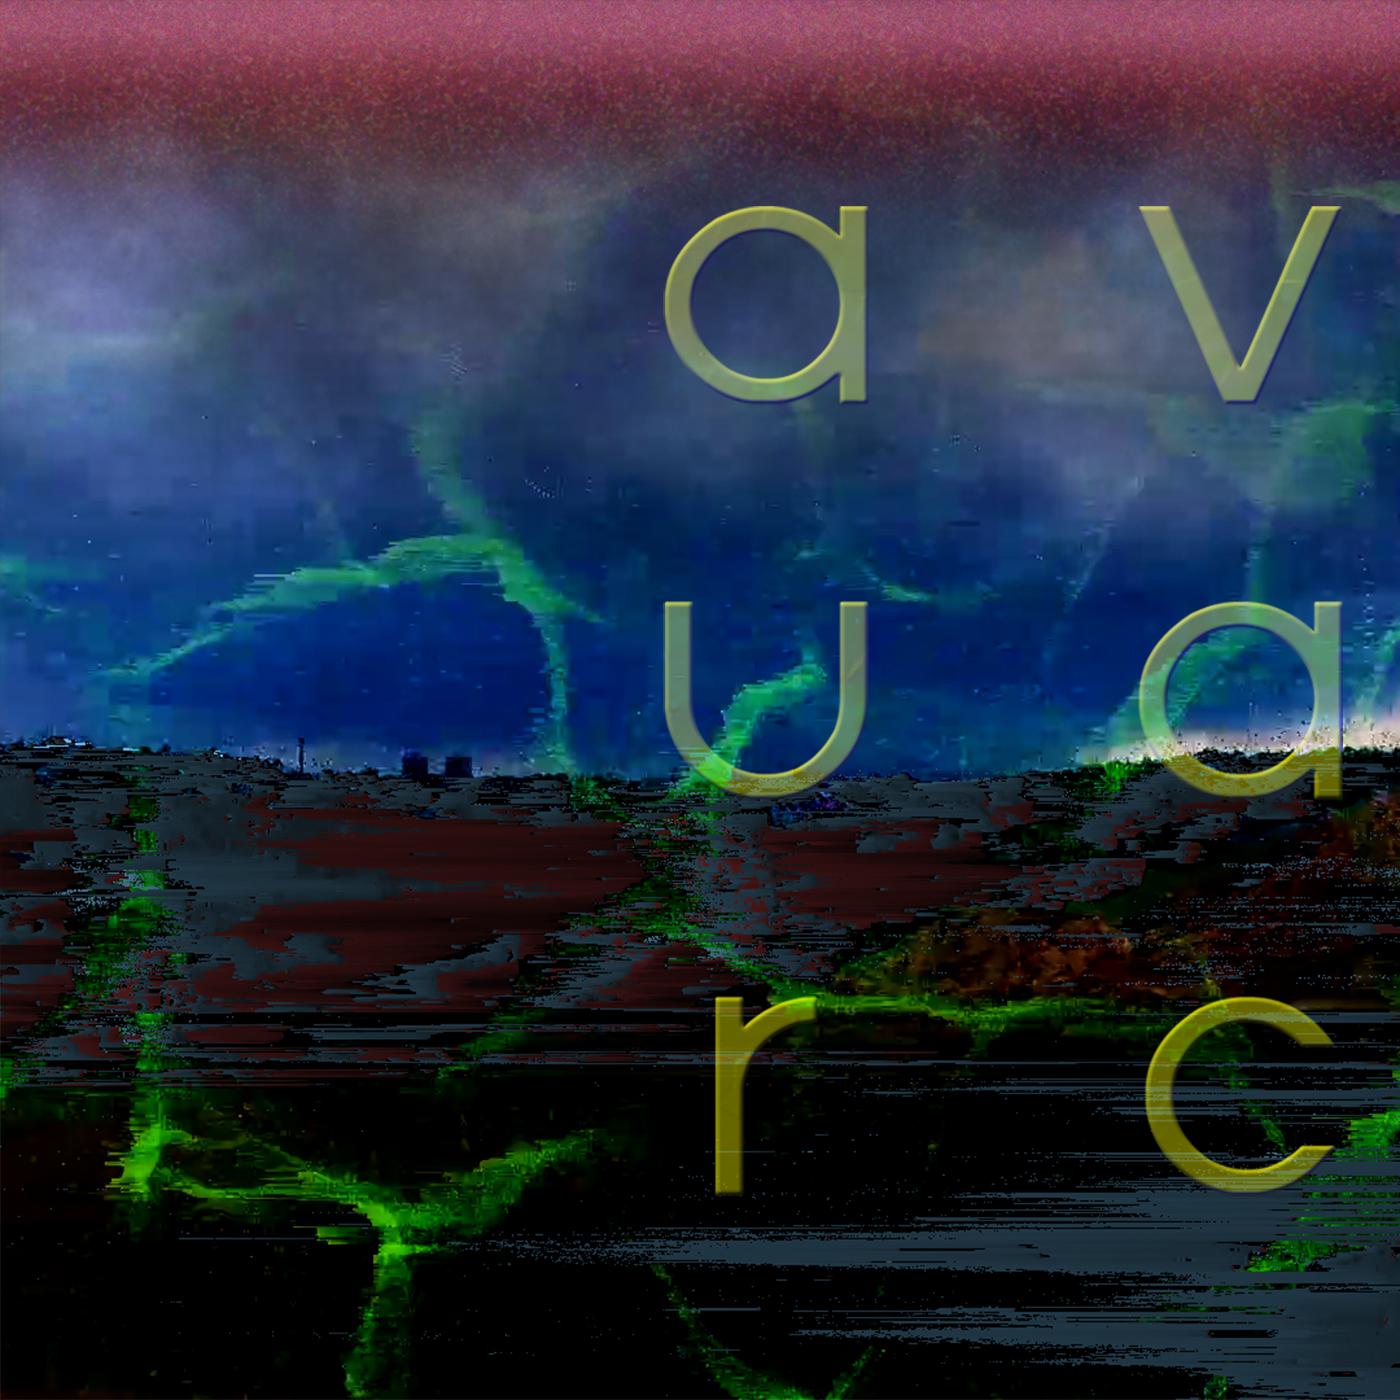 aurvac.jpg